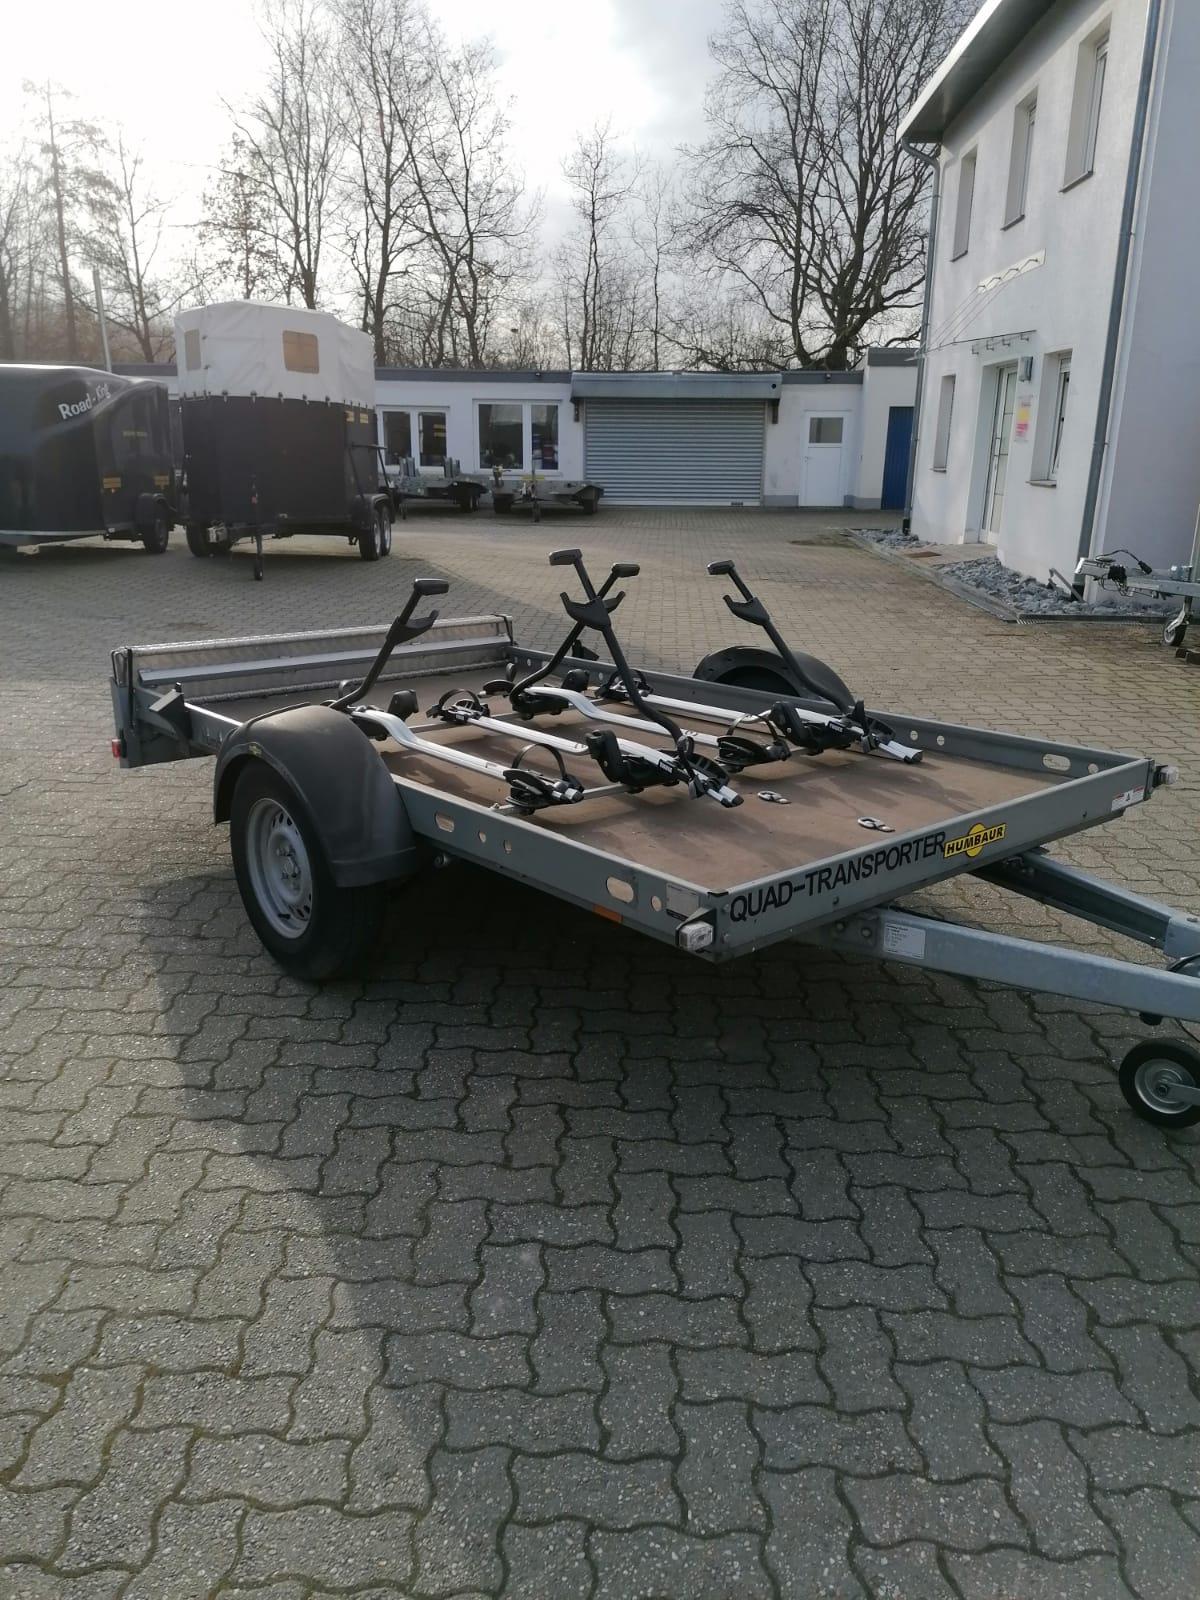 Fahrrad Transport 2